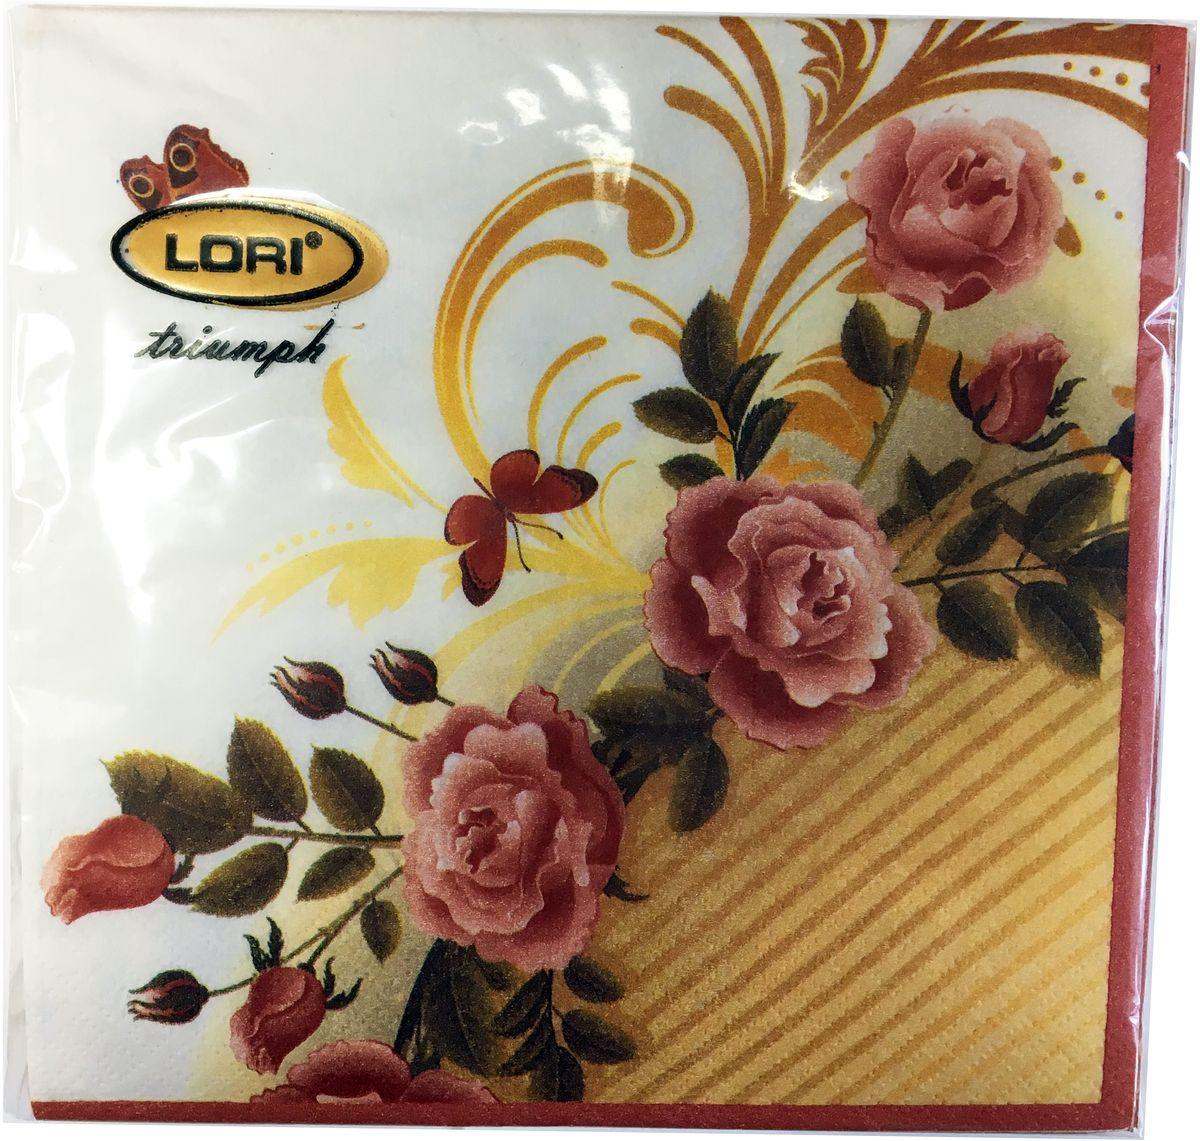 Салфетки бумажные Lori Triumph, трехслойные, цвет: розовый, желтый, белый, 33 х 33 см, 20 шт. 5619856198Декоративные трехслойные салфетки Lori Triumph выполнены из 100% целлюлозы и оформлены ярким рисунком. Изделия станут отличным дополнением любого праздничного стола. Они отличаются необычной мягкостью, прочностью и оригинальностью.Размер салфеток в развернутом виде: 33 х 33 см.